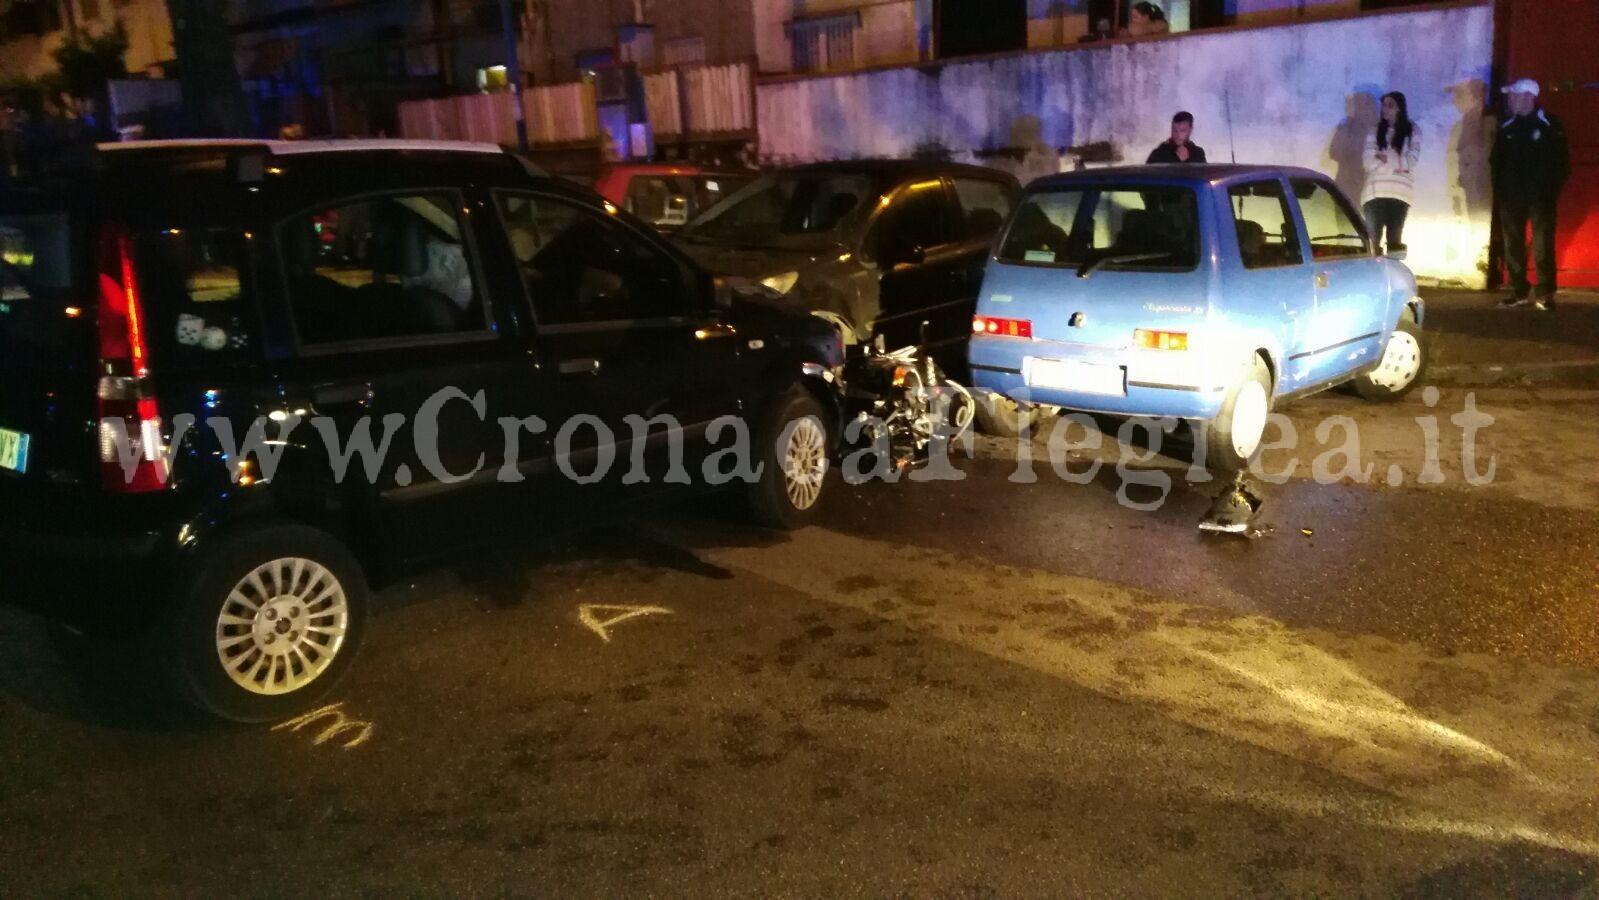 Schianto frontale tra auto e moto a Napoli : Muore centauro 21enne